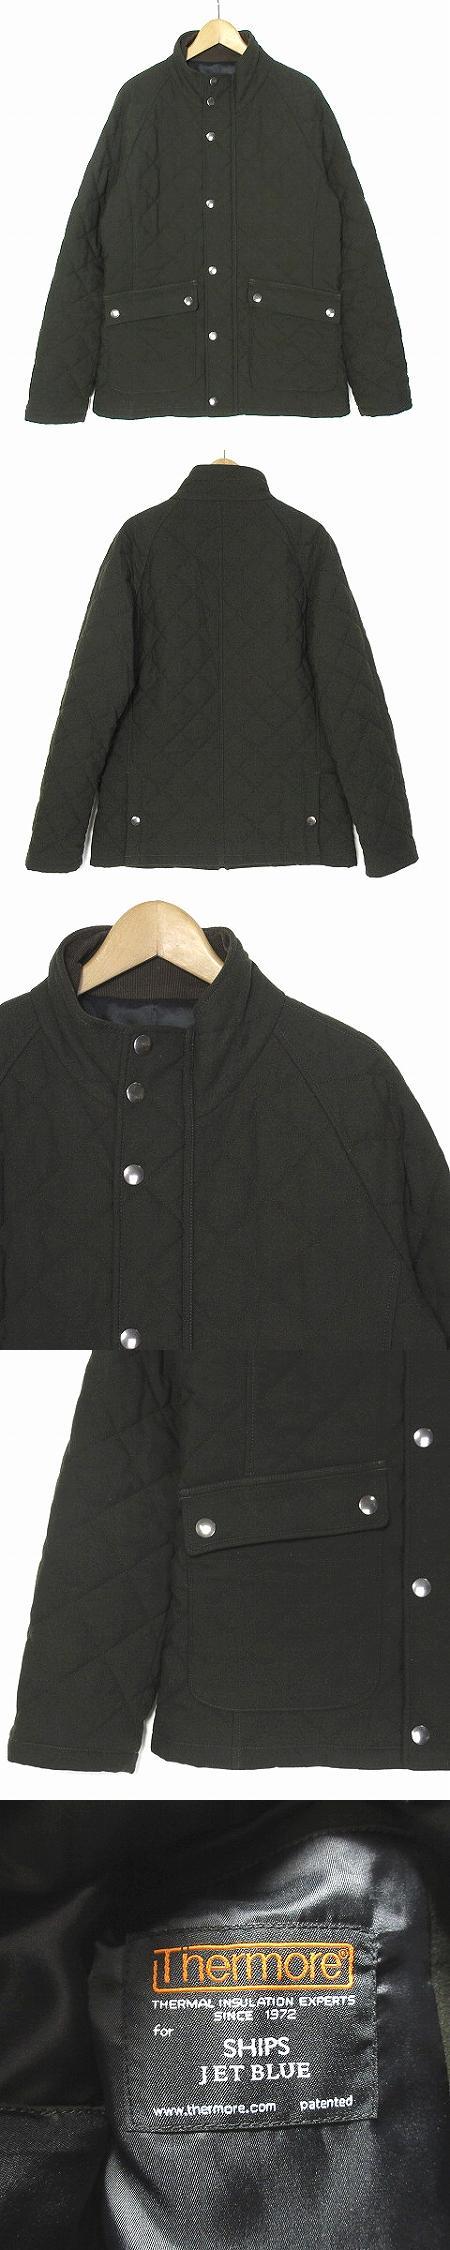 ジャケット キルティング サーモア Thermore 中綿 ブルゾン スタンドカラー カーキ M アウター